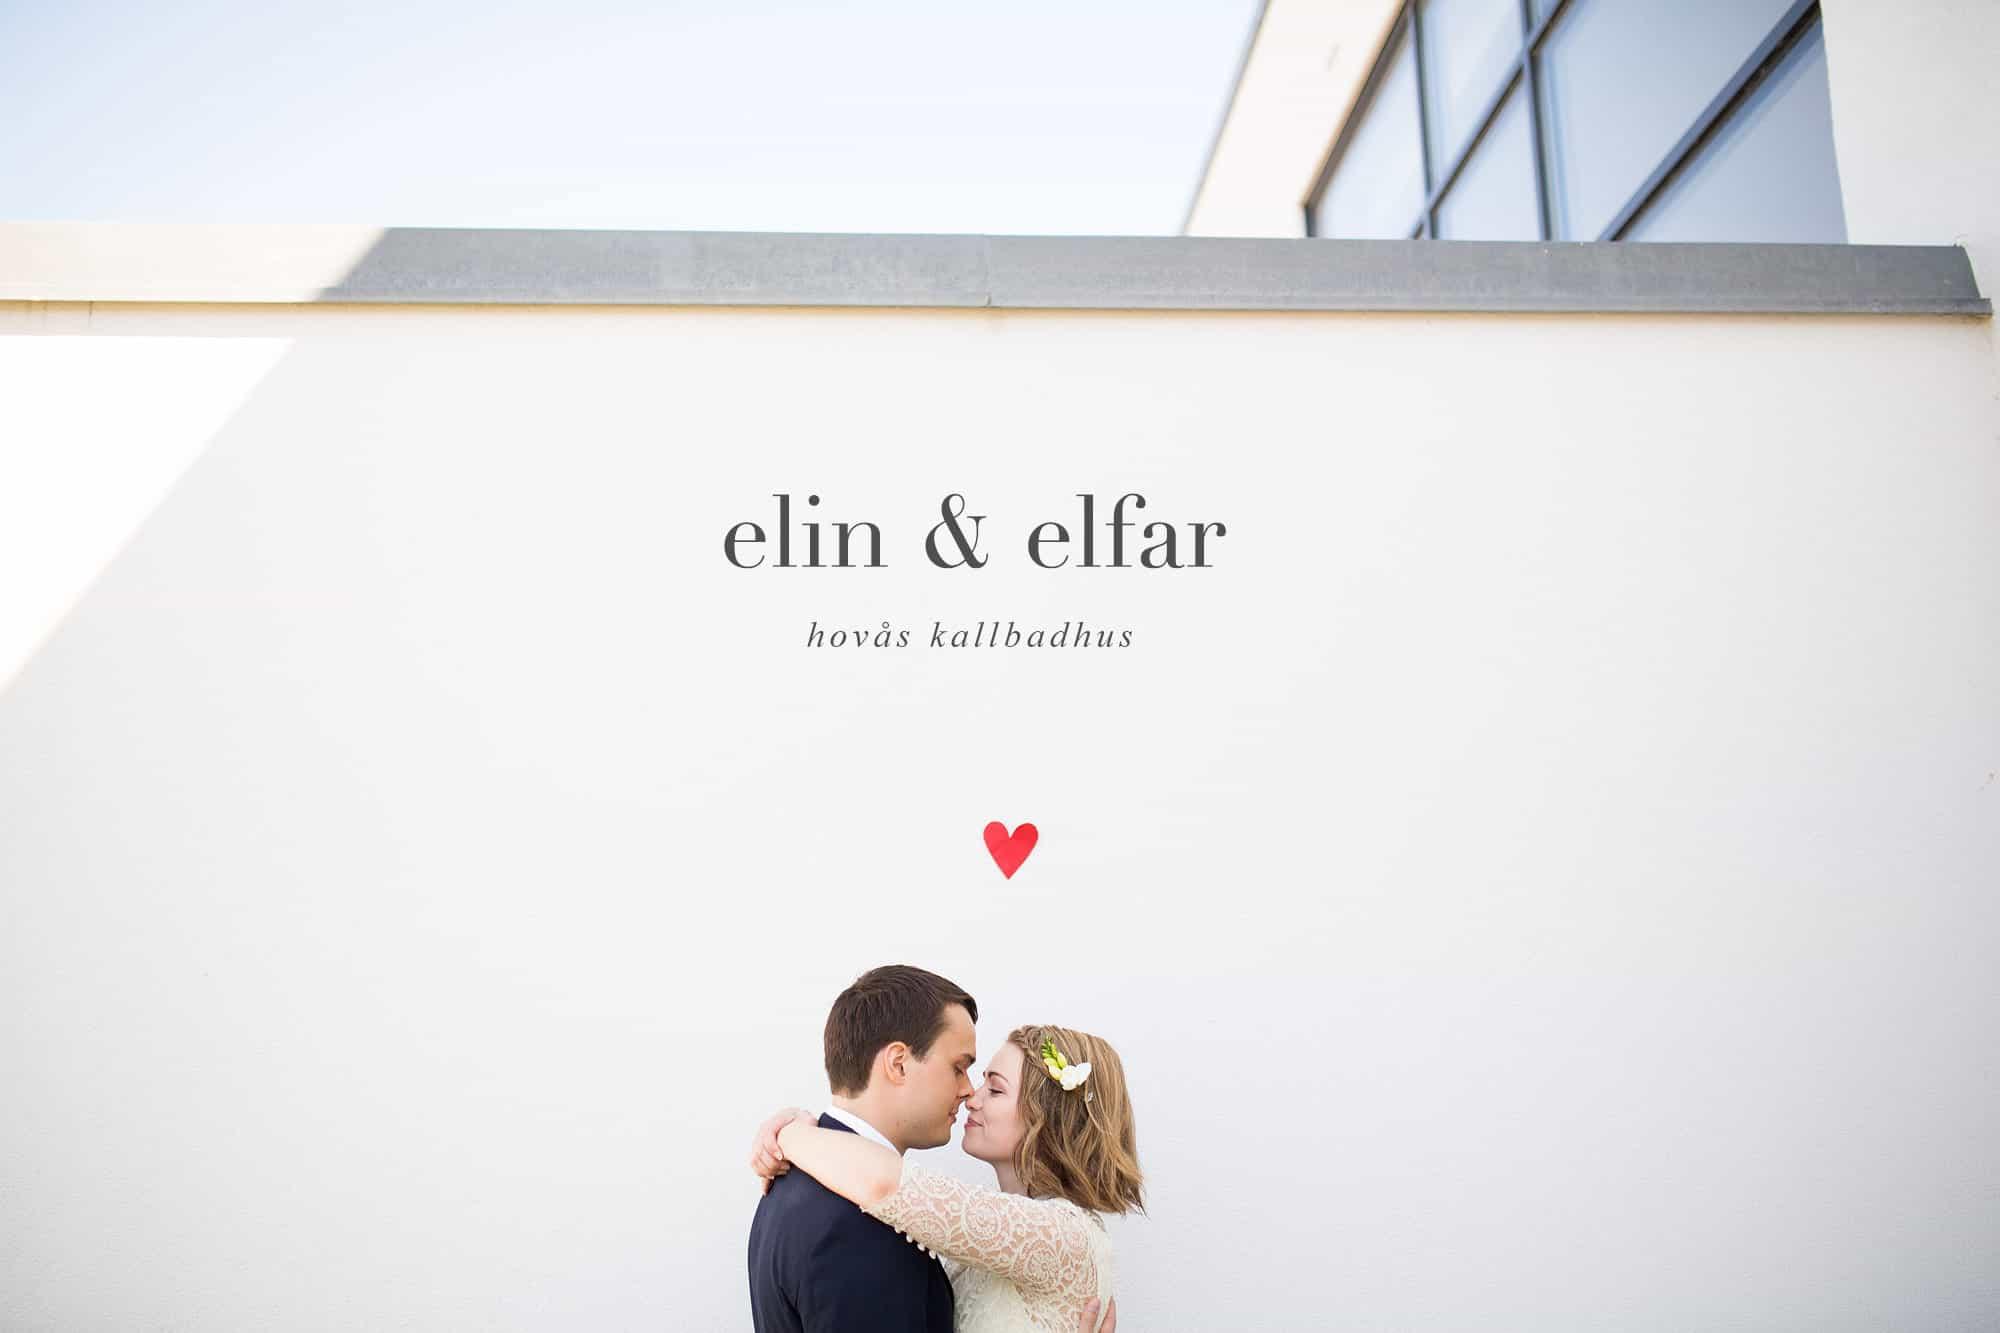 01-bröllop--hovås-kallbadhus--bröllopsfoto--göteborg--hovås--billdal--askim--sommar--hav--oskar-allerby--bröllopsfotograf--brud--brudgum--allerby-photo